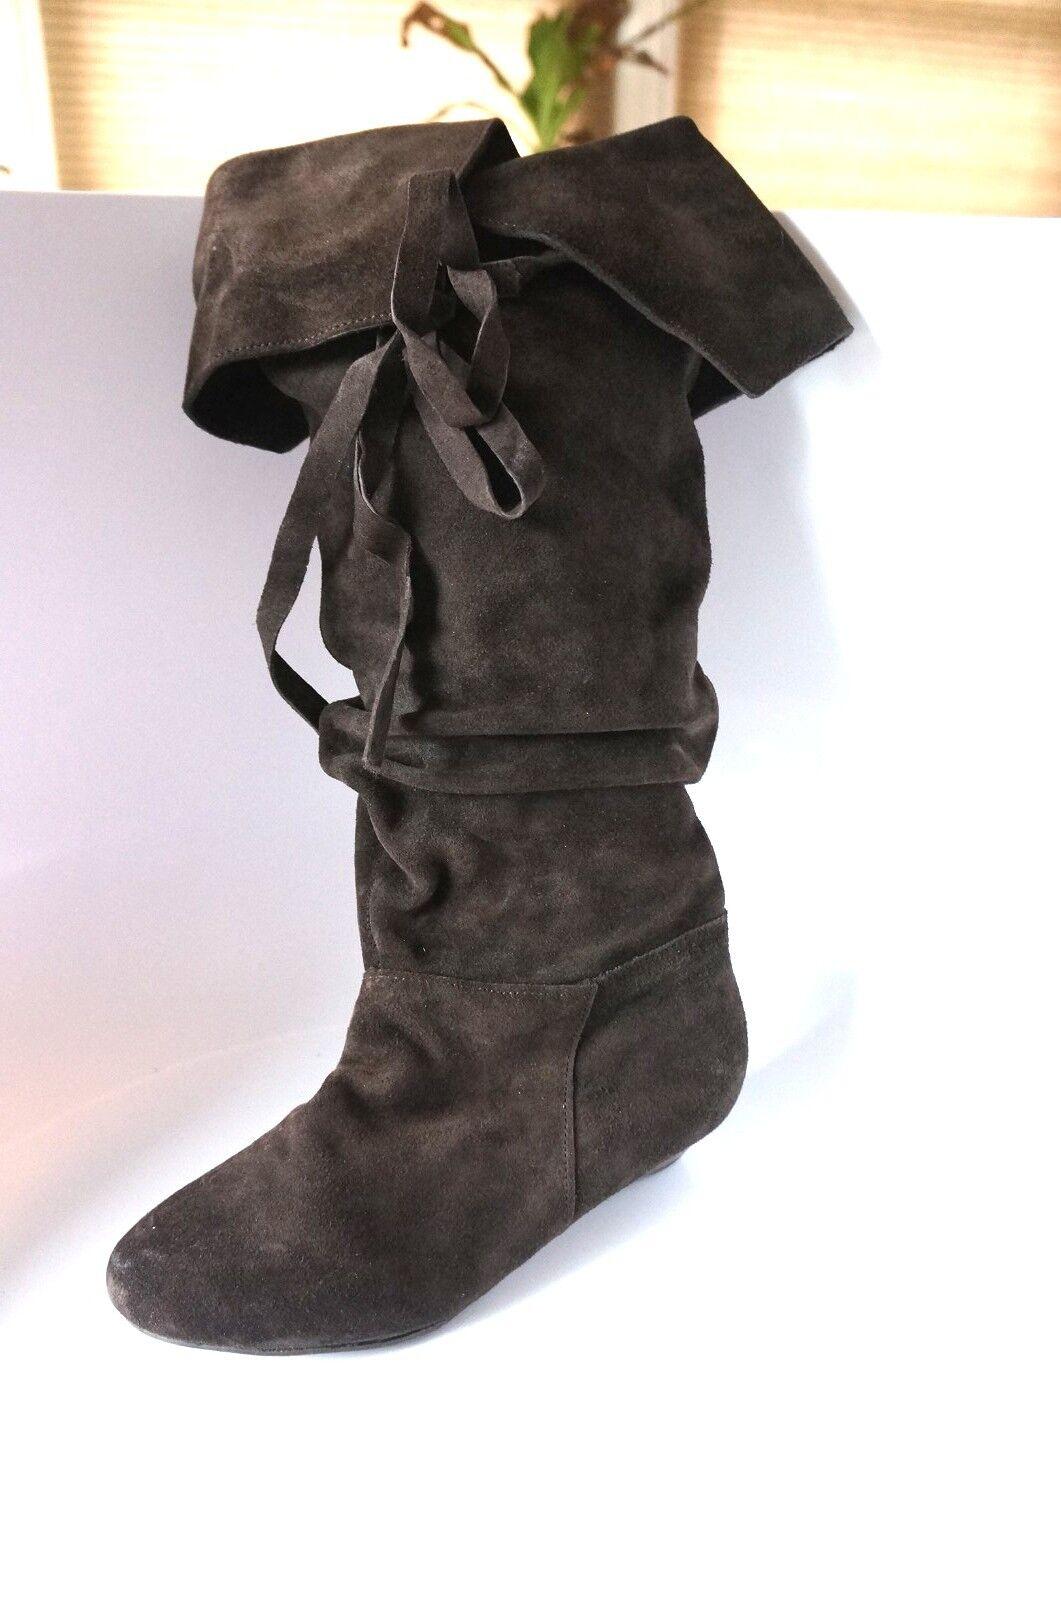 Nine West Wmns High Boots ABREL1 Brown Suede Sz 6 M